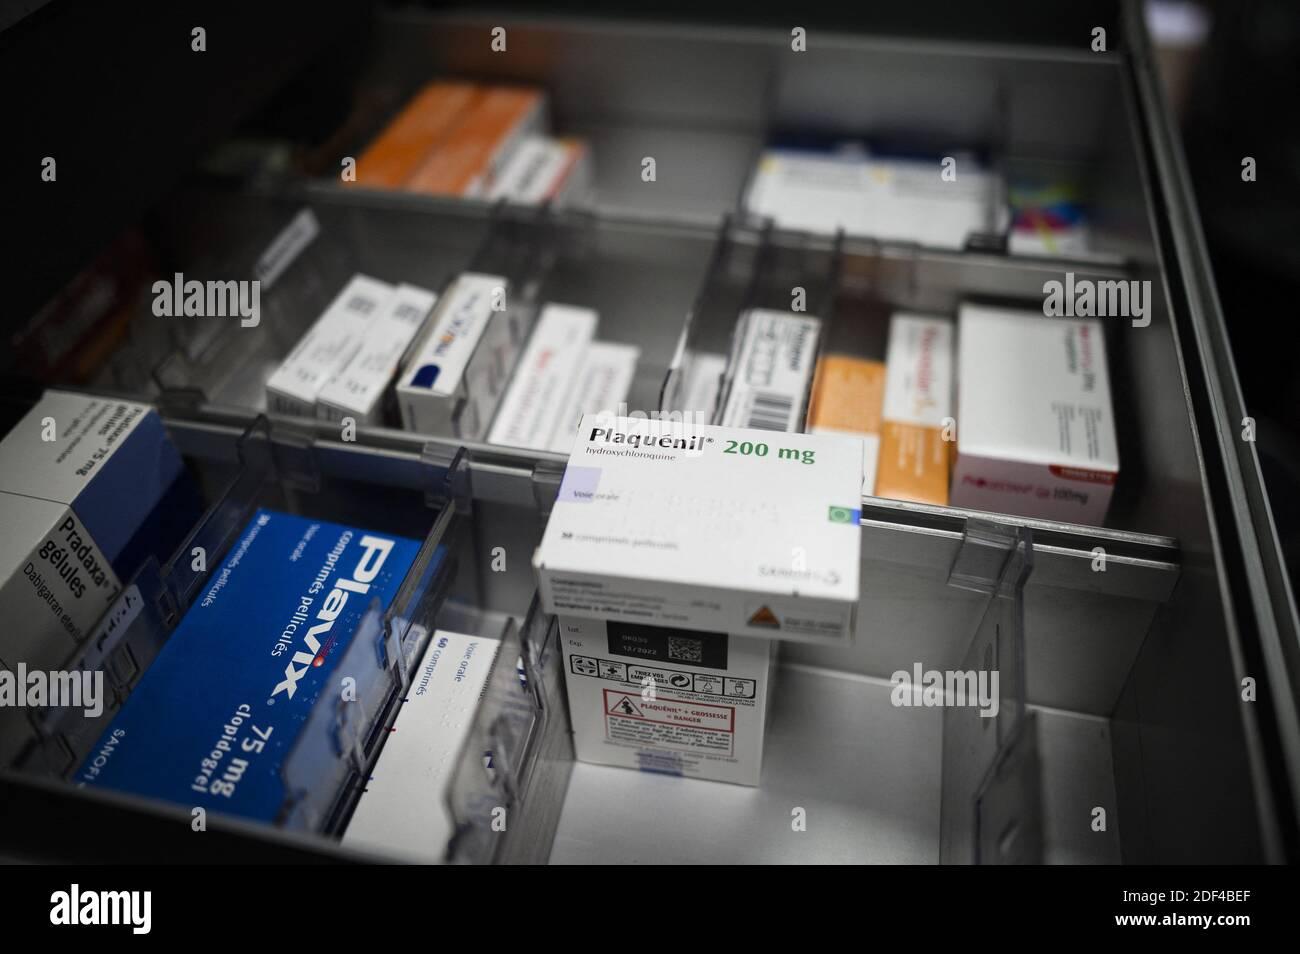 Une boîte de Plaquenil (ou Chloroquine, Hydroxychloroquine) le 30 mars 2020 à Paris, France. La chloroquine est un médicament antipaludique existant, utilisé à la fois pour prévenir la maladie et pour le traiter. Il est connu par la marque Nivaquine ou, pour l'hydroxychloroquine, Plaquenil et est la forme synthétique de la quinine. Dimanche, le département américain de la Santé et des Services sociaux (HHS) a déclaré dans une déclaration que la chloroquine et l'hydroxychloroquine pourraient être prescrites aux adolescents et aux adultes atteints de COVID-19 « selon le cas, lorsqu'un essai clinique n'est pas disponible ou réalisable », après que la FDA ait émis une autorisation d'utilisation d'urgence. Banque D'Images